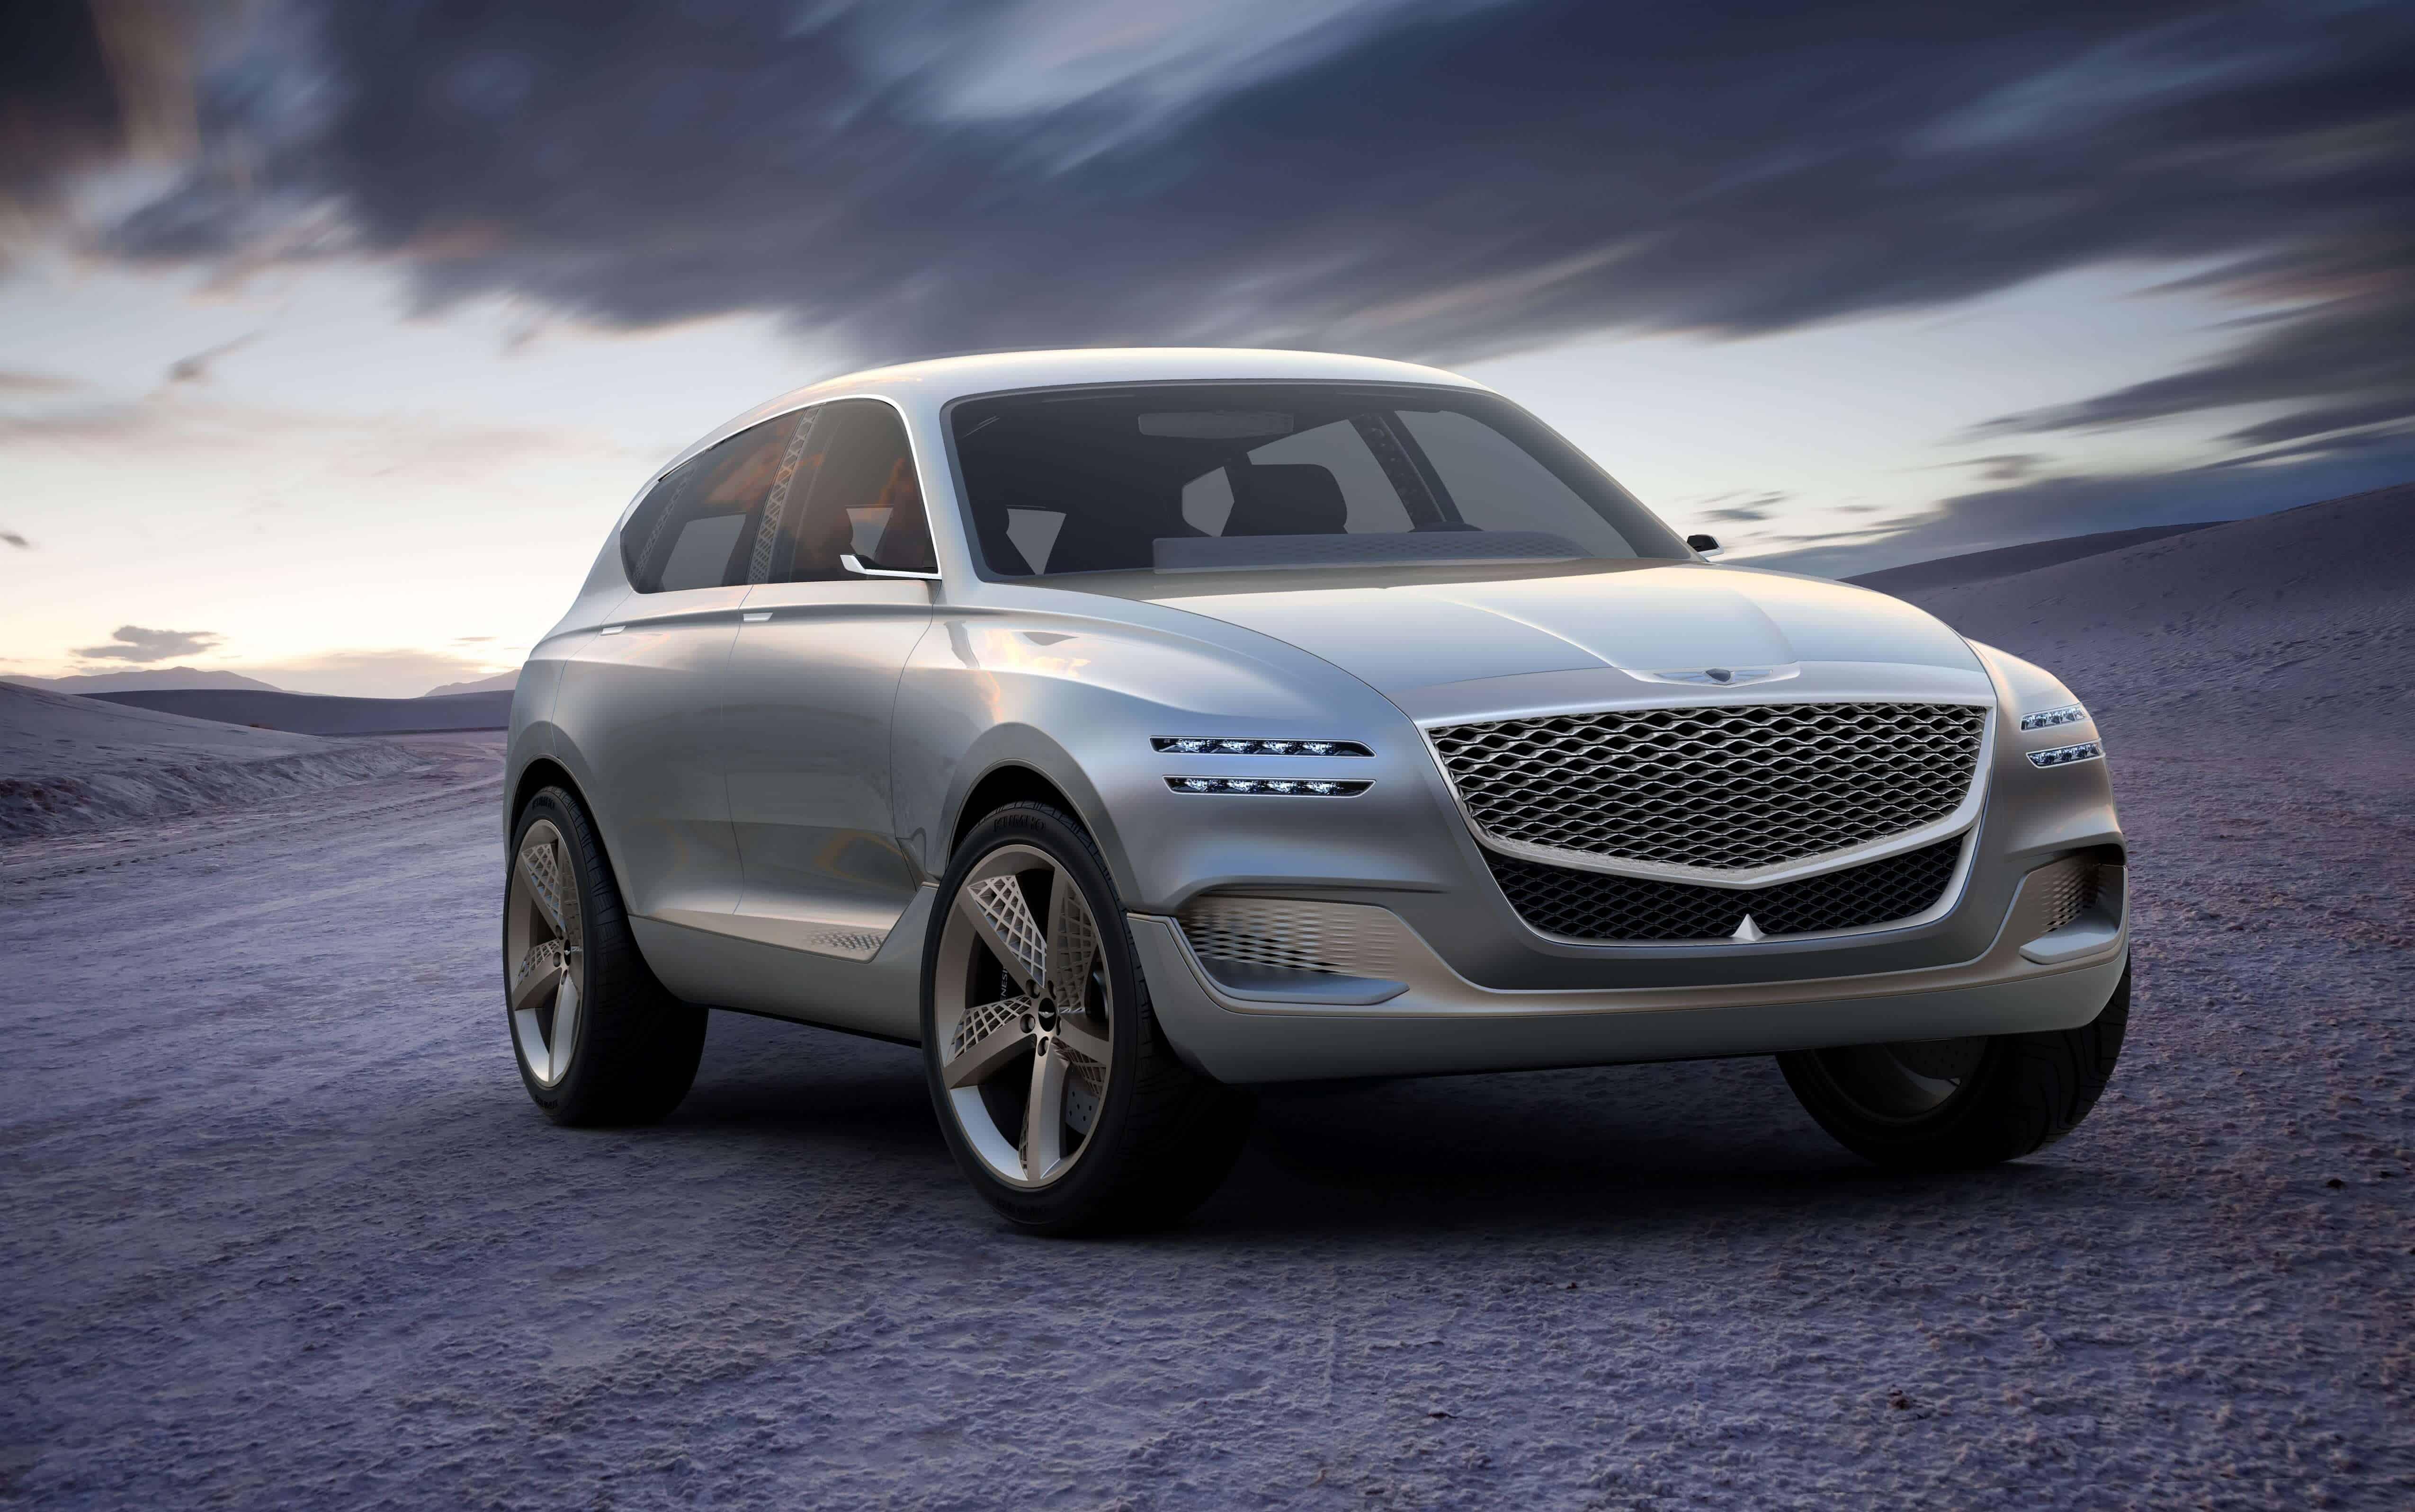 Genesis GV80 Concept Car Exterior